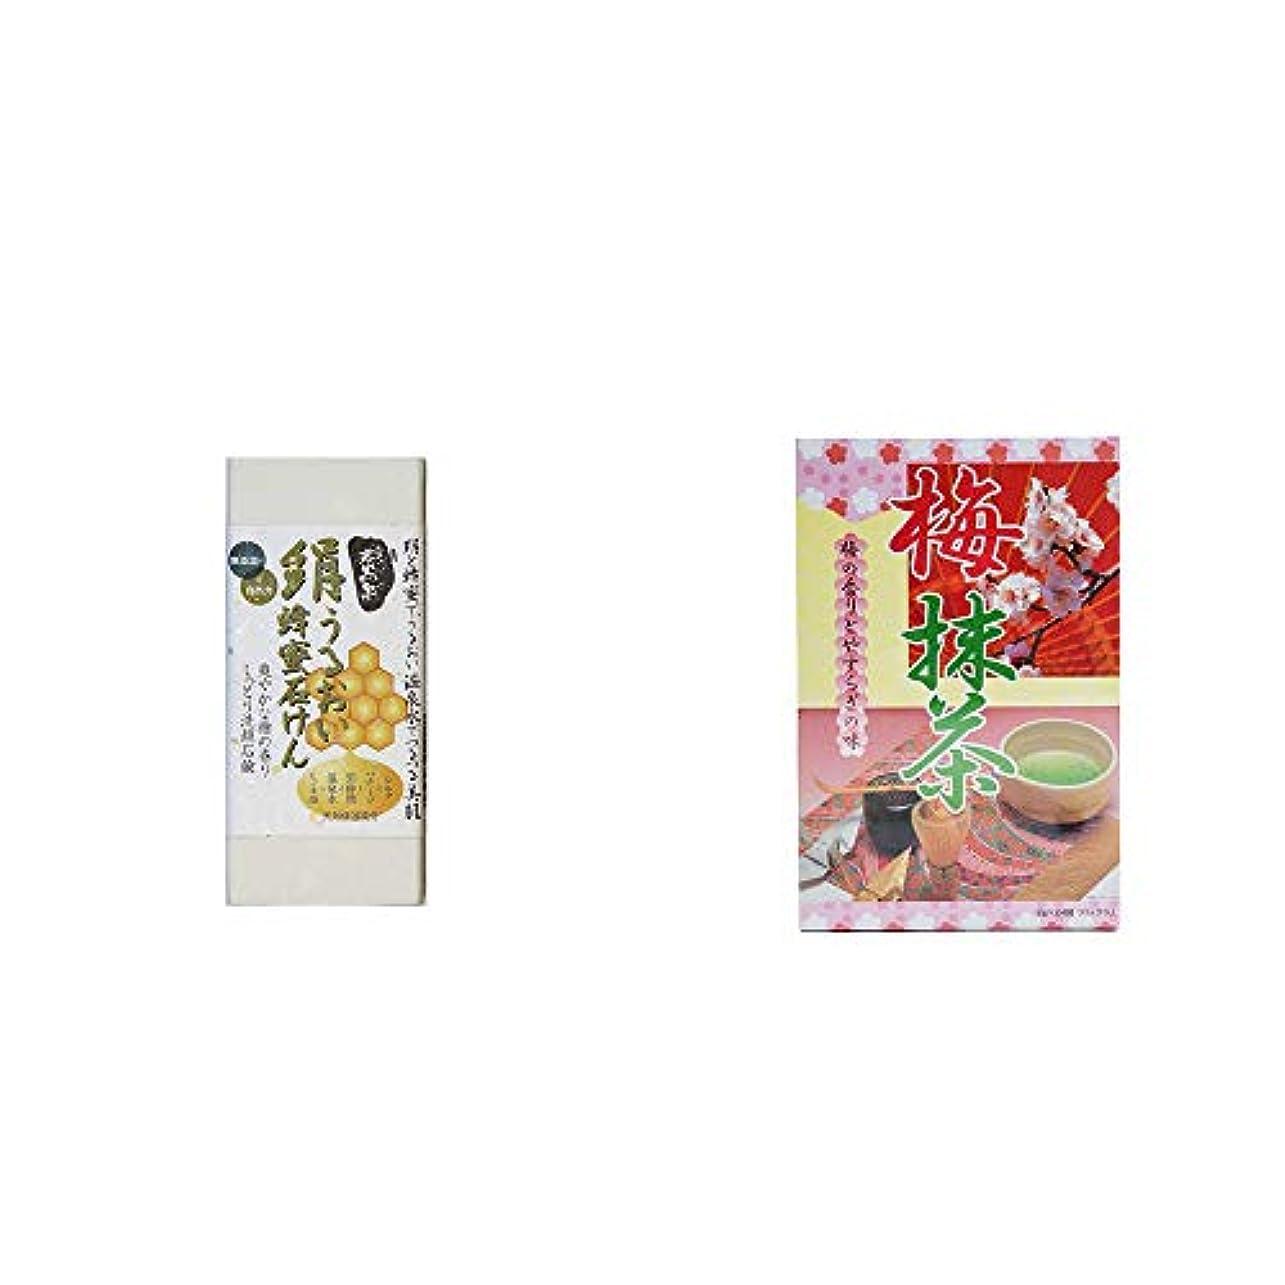 エゴイズム良性砲撃[2点セット] ひのき炭黒泉 絹うるおい蜂蜜石けん(75g×2)?梅抹茶[大](24袋)